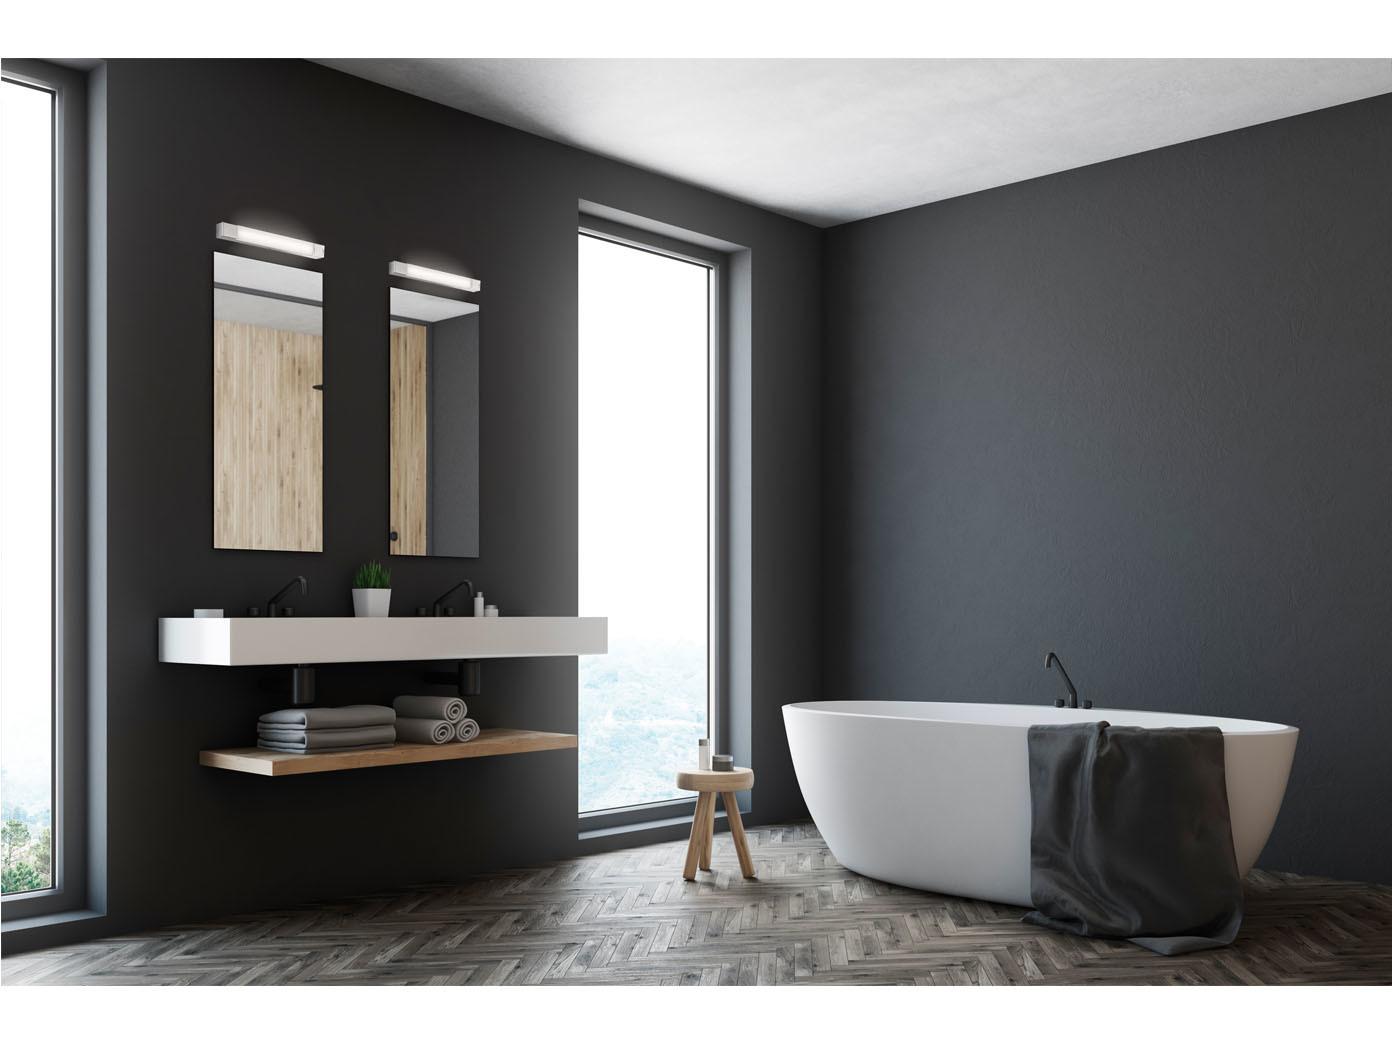 LED Badezimmer Wandlampenset, Spiegelleuchten 60cm mit Steckdose ...